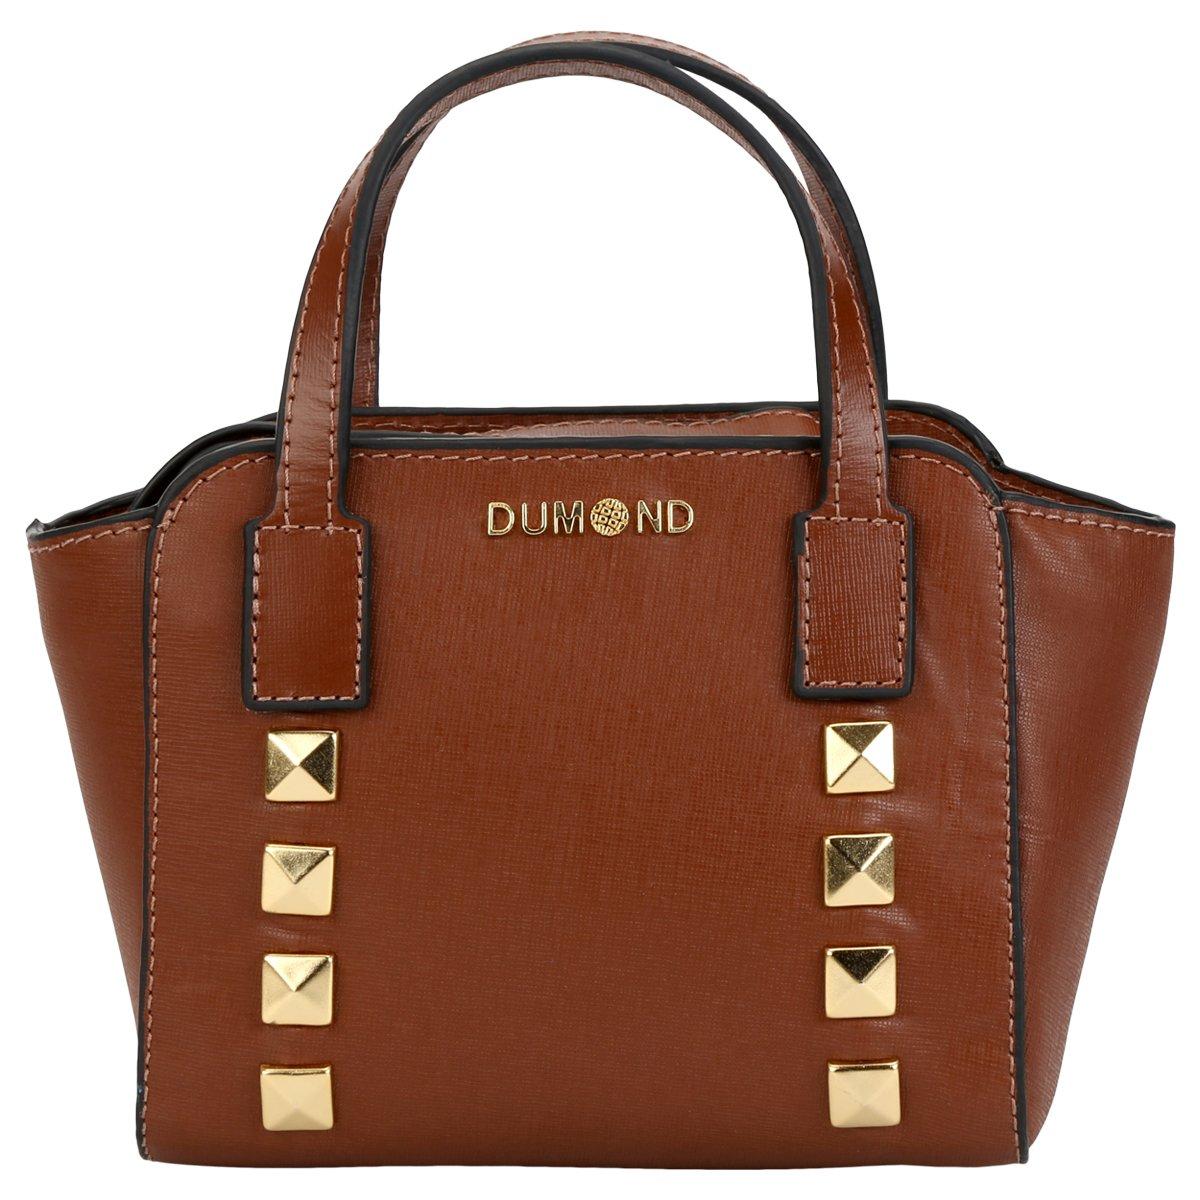 0b225bbe3 Bolsa Dumond Mini Bag Tachas | Netshoes